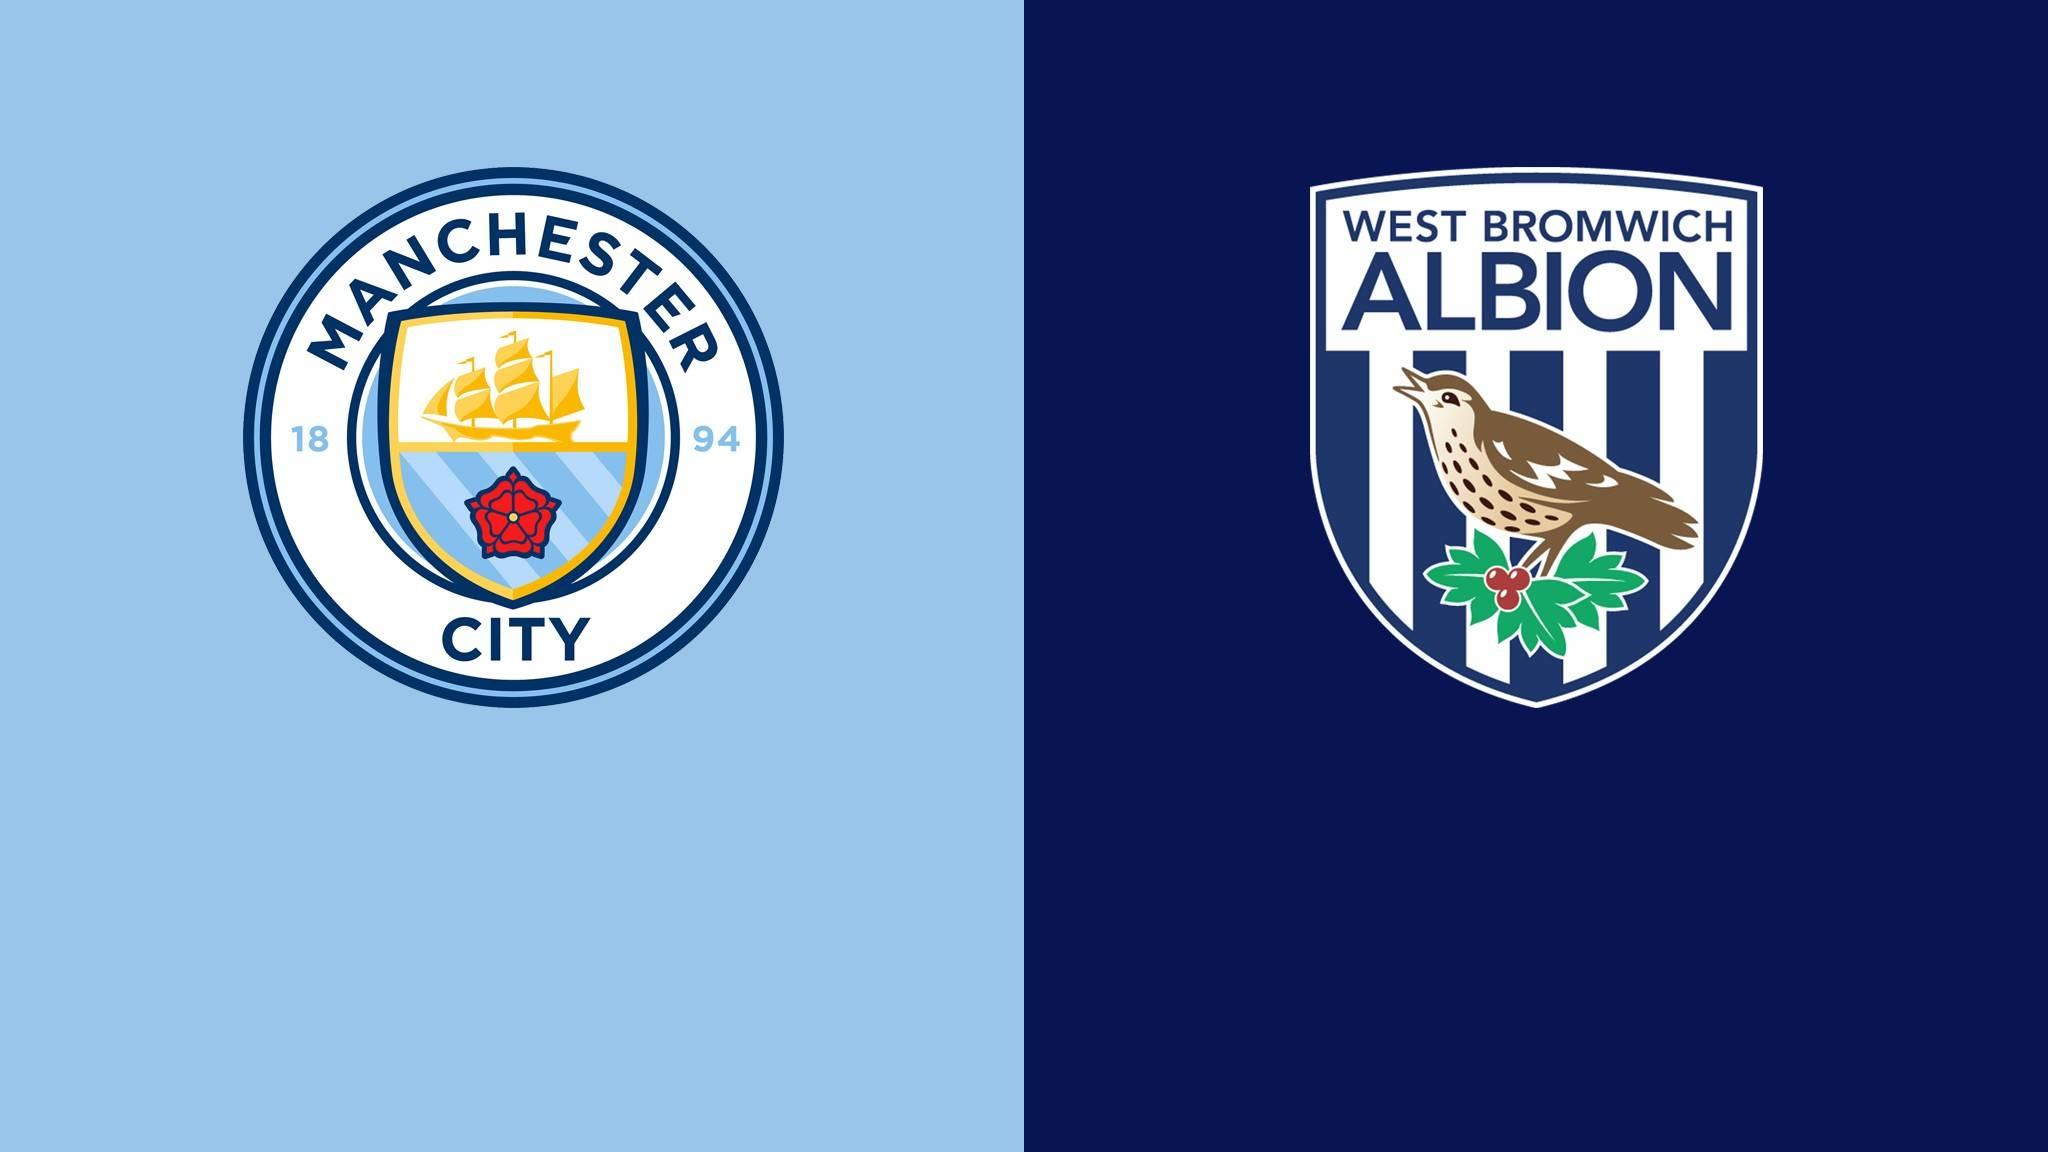 موعد مباراة مانشستر سيتي القادمة ضد وست بروميتش ألبيون والقنوات الناقلة في الدوري الإنجليزي